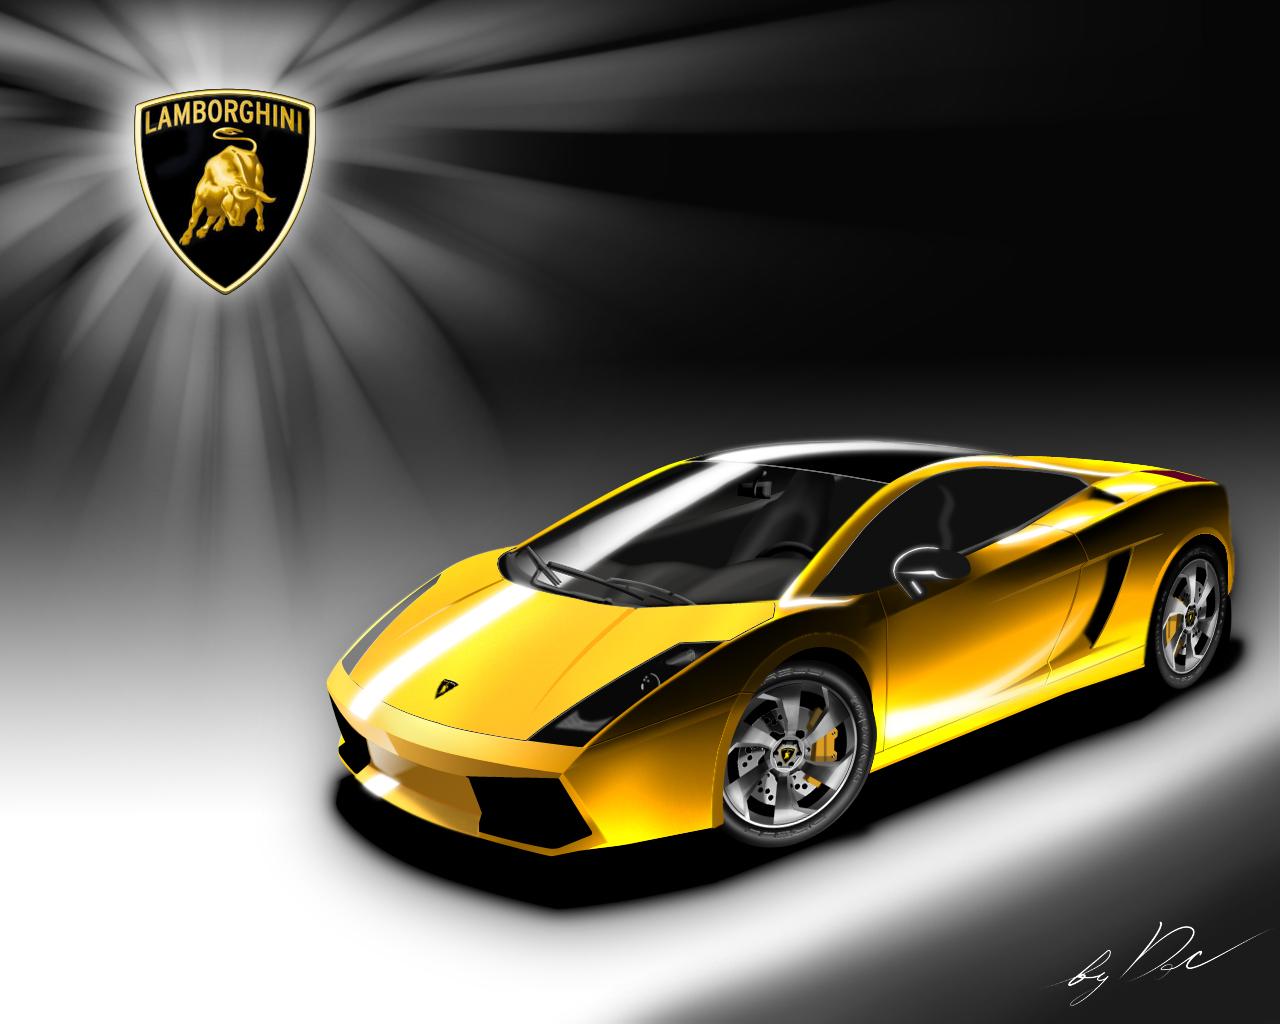 Wallpapers Of Lamborghini Cars Wallpapersafari